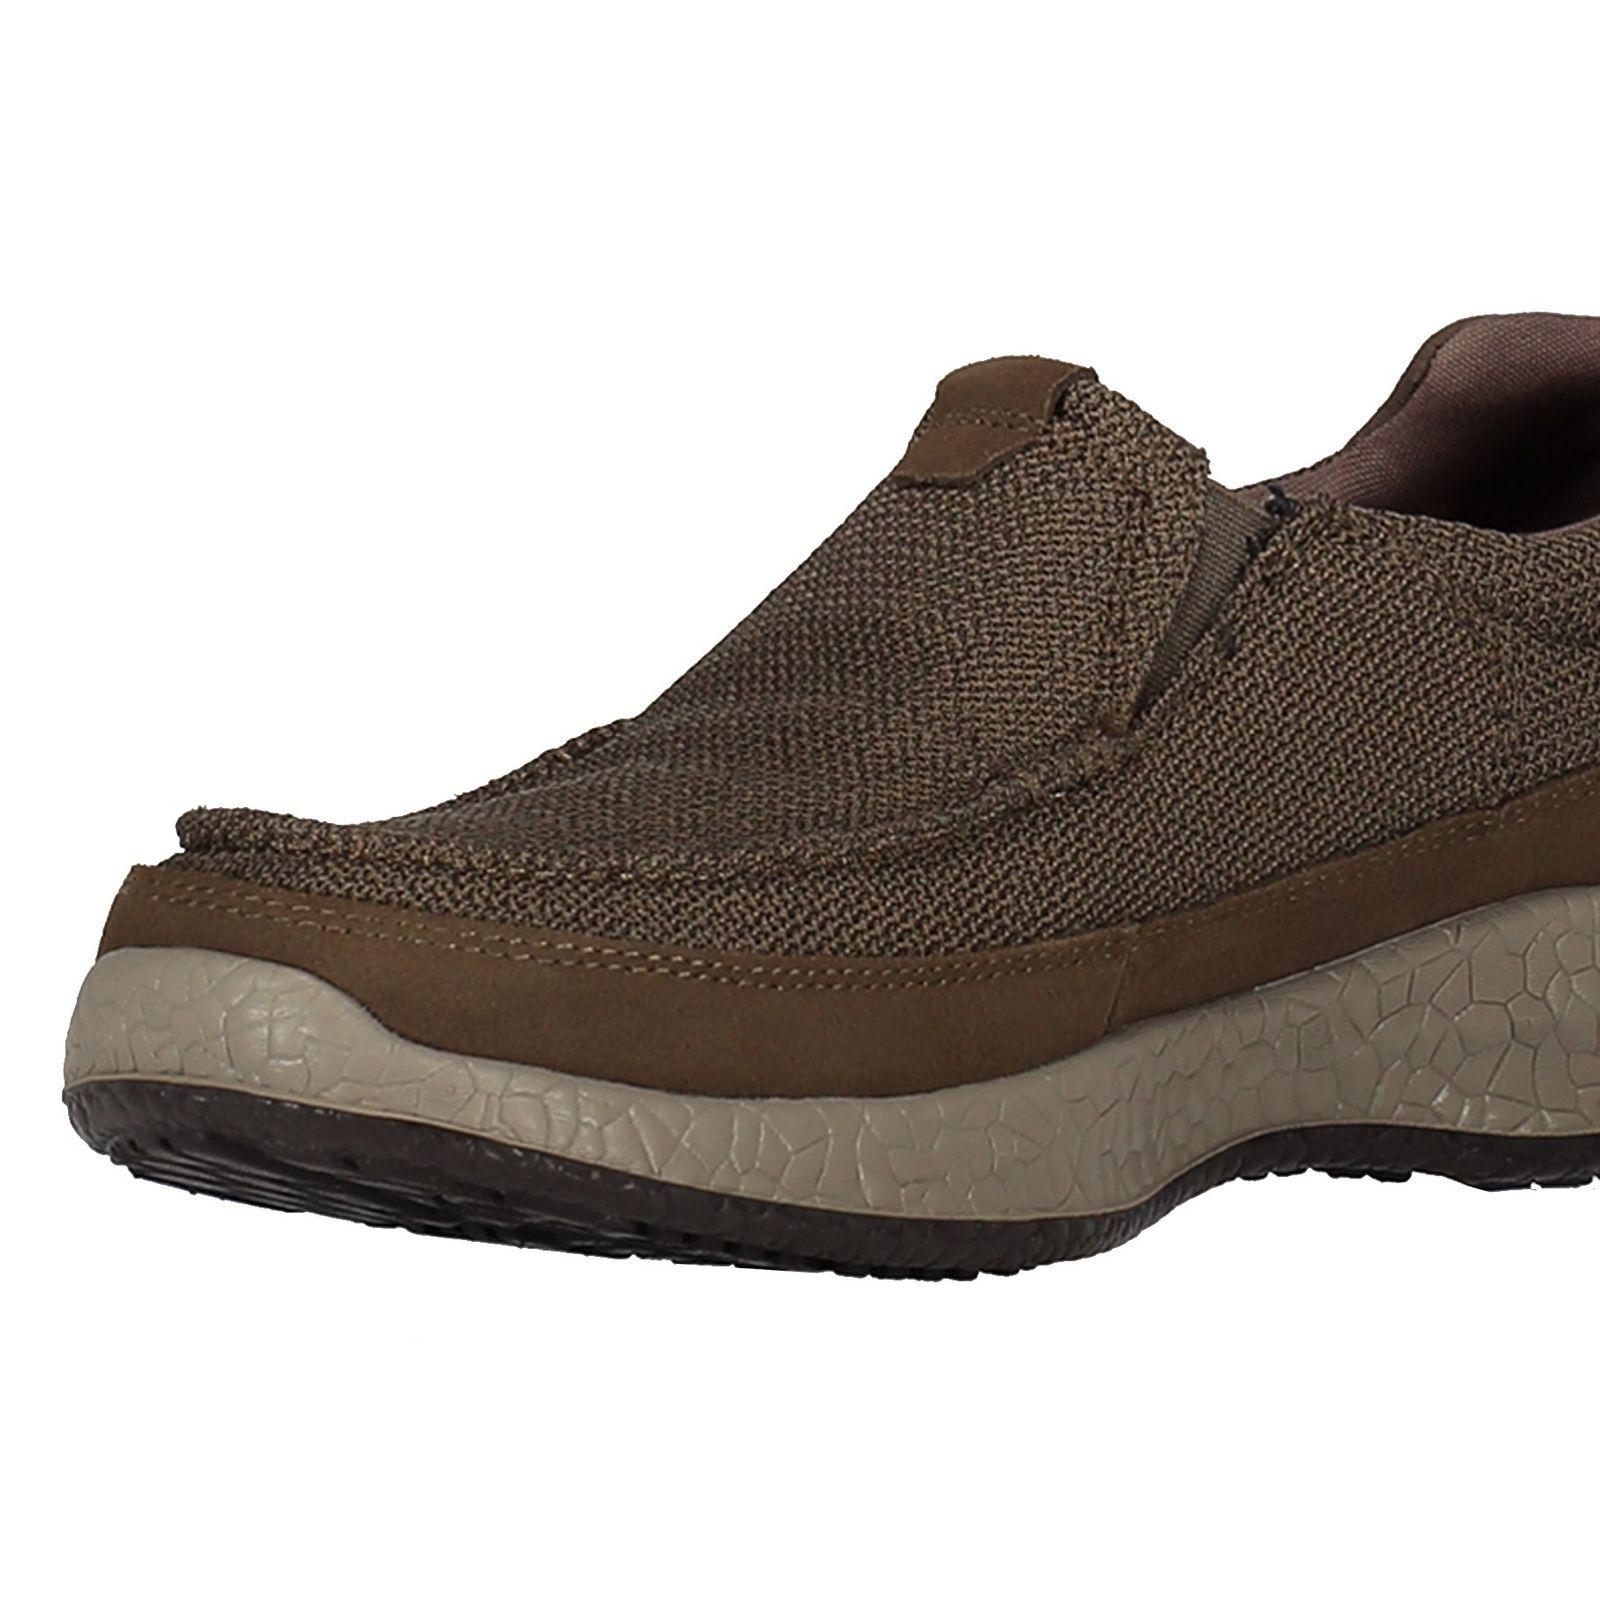 کفش راحتی پارچه ای مردانه Bursen Kinto - اسکچرز - قهوه اي روشن - 6